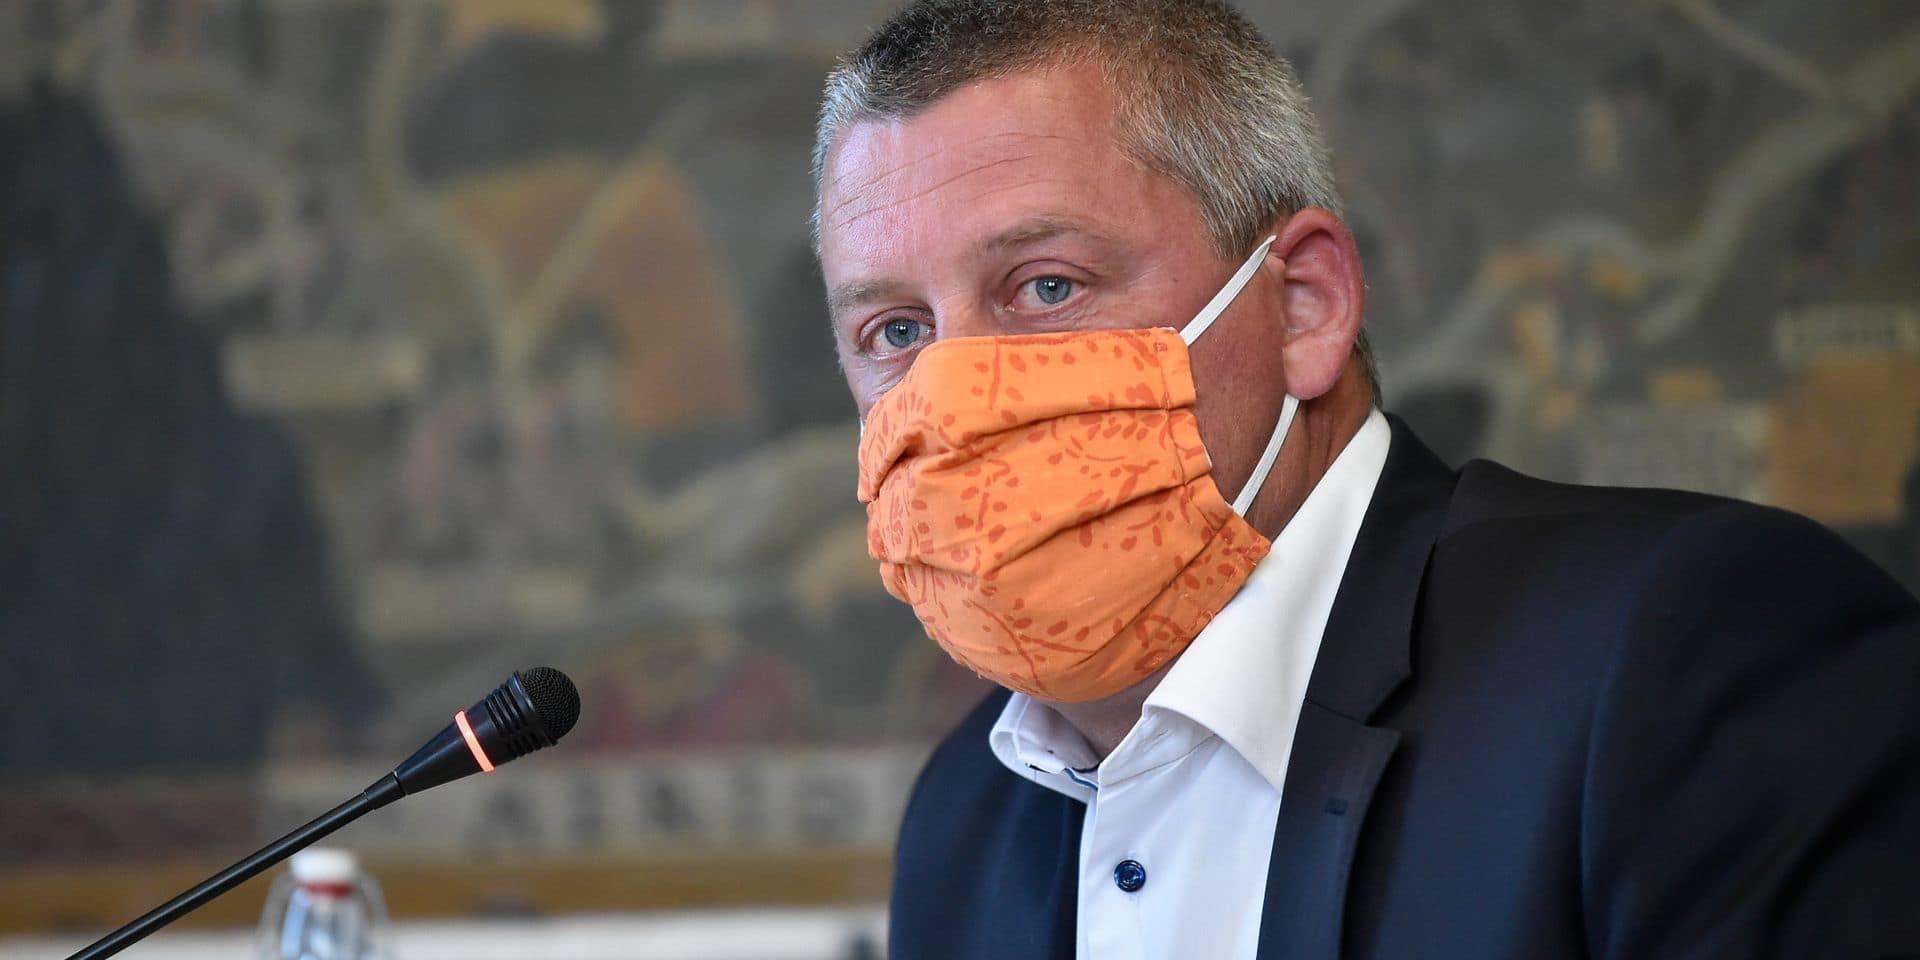 Dimitri Fourny a officiellement quitté le conseil communal de Neufchâteau et la politique